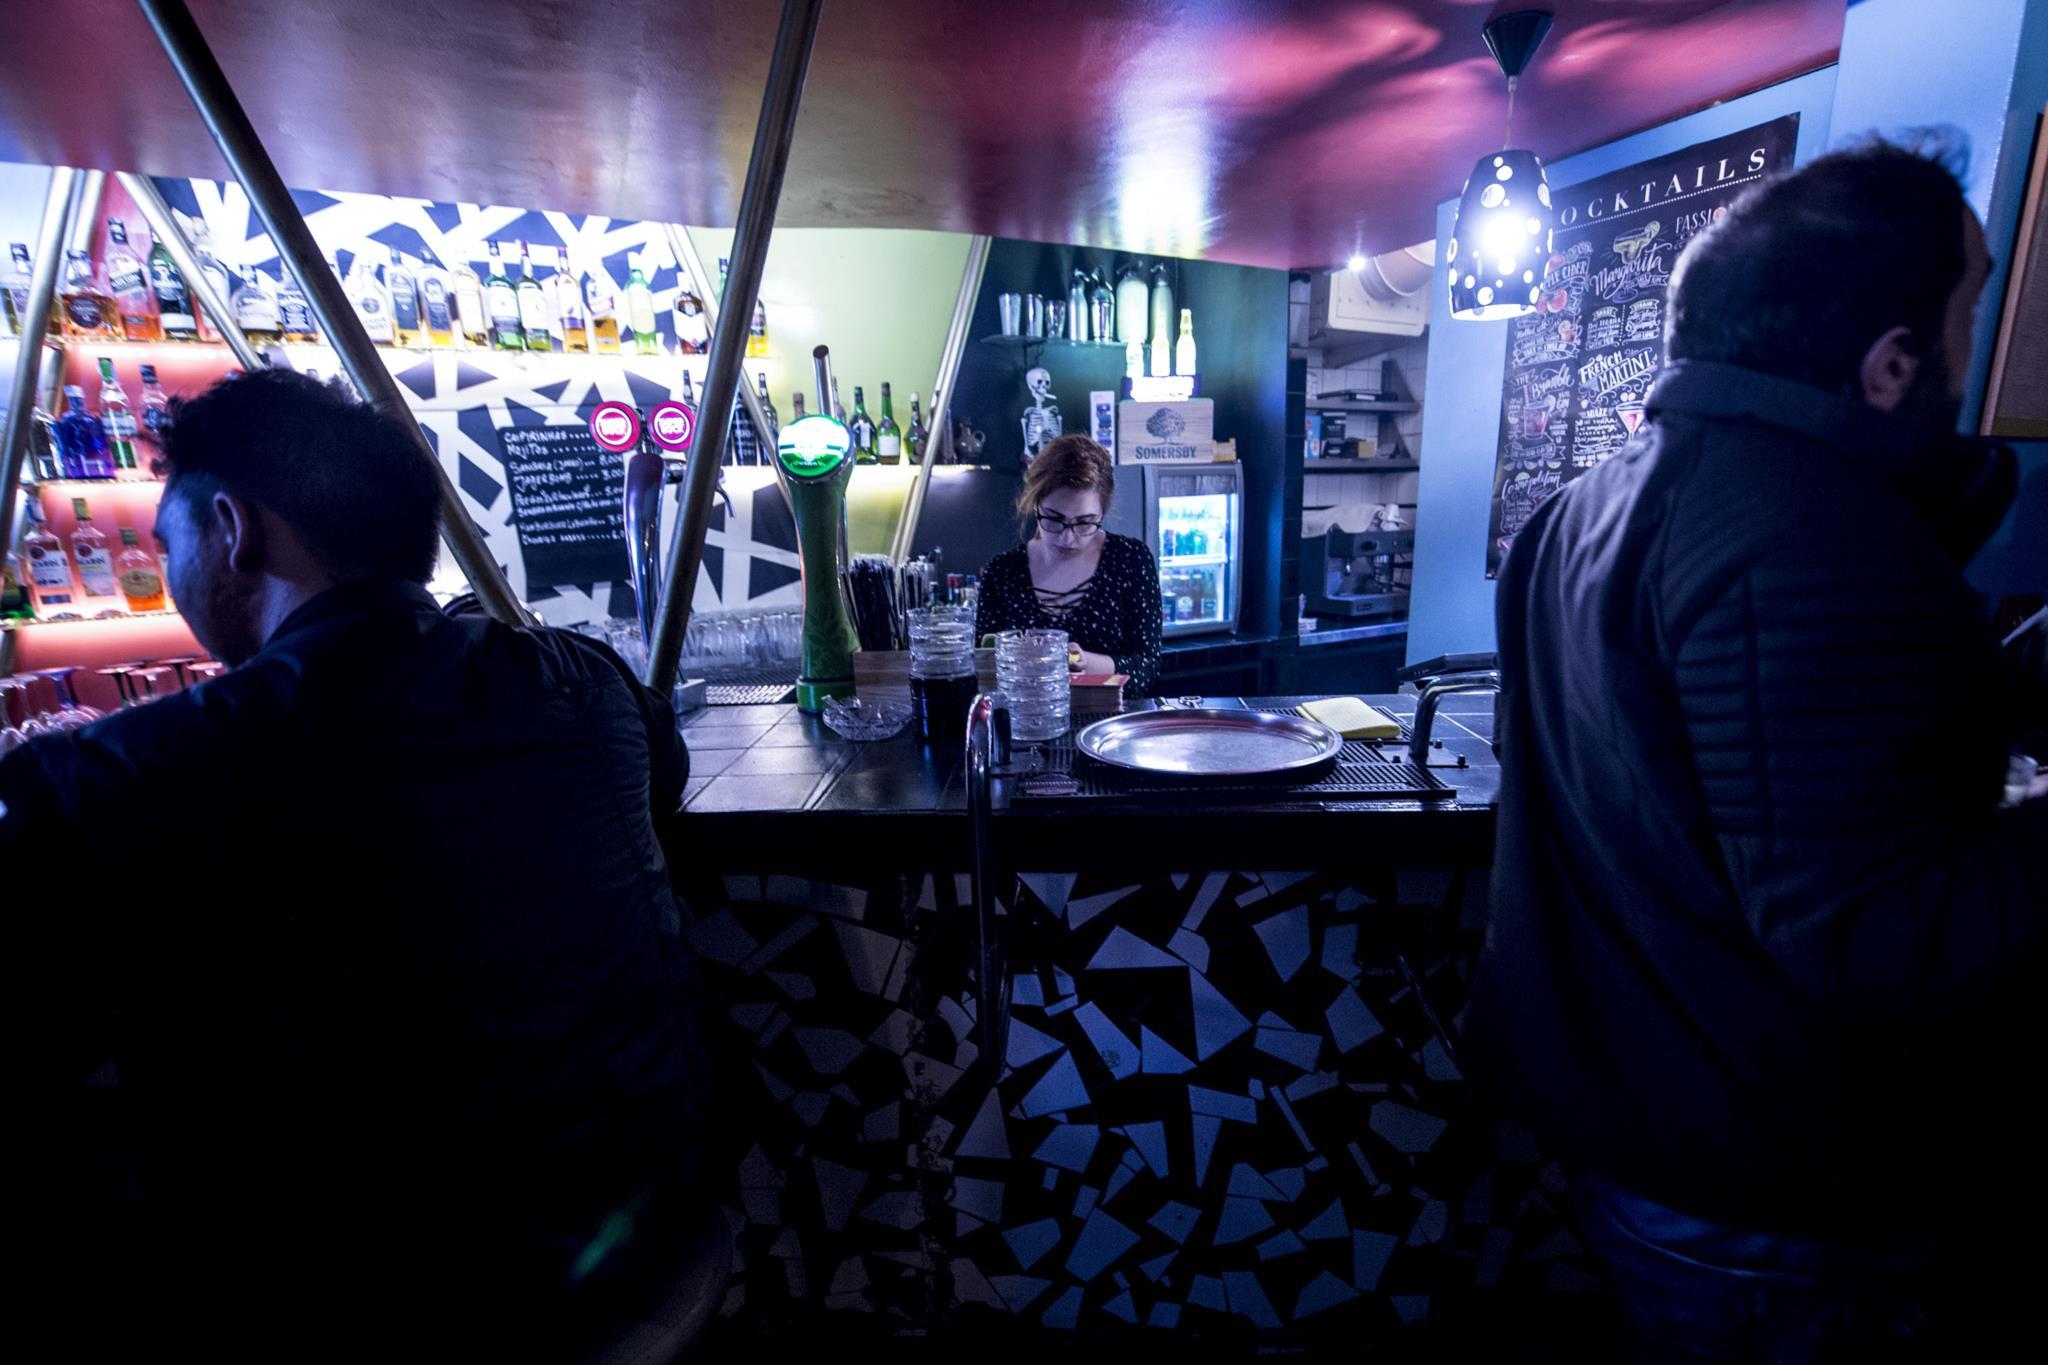 Bar Labirinto